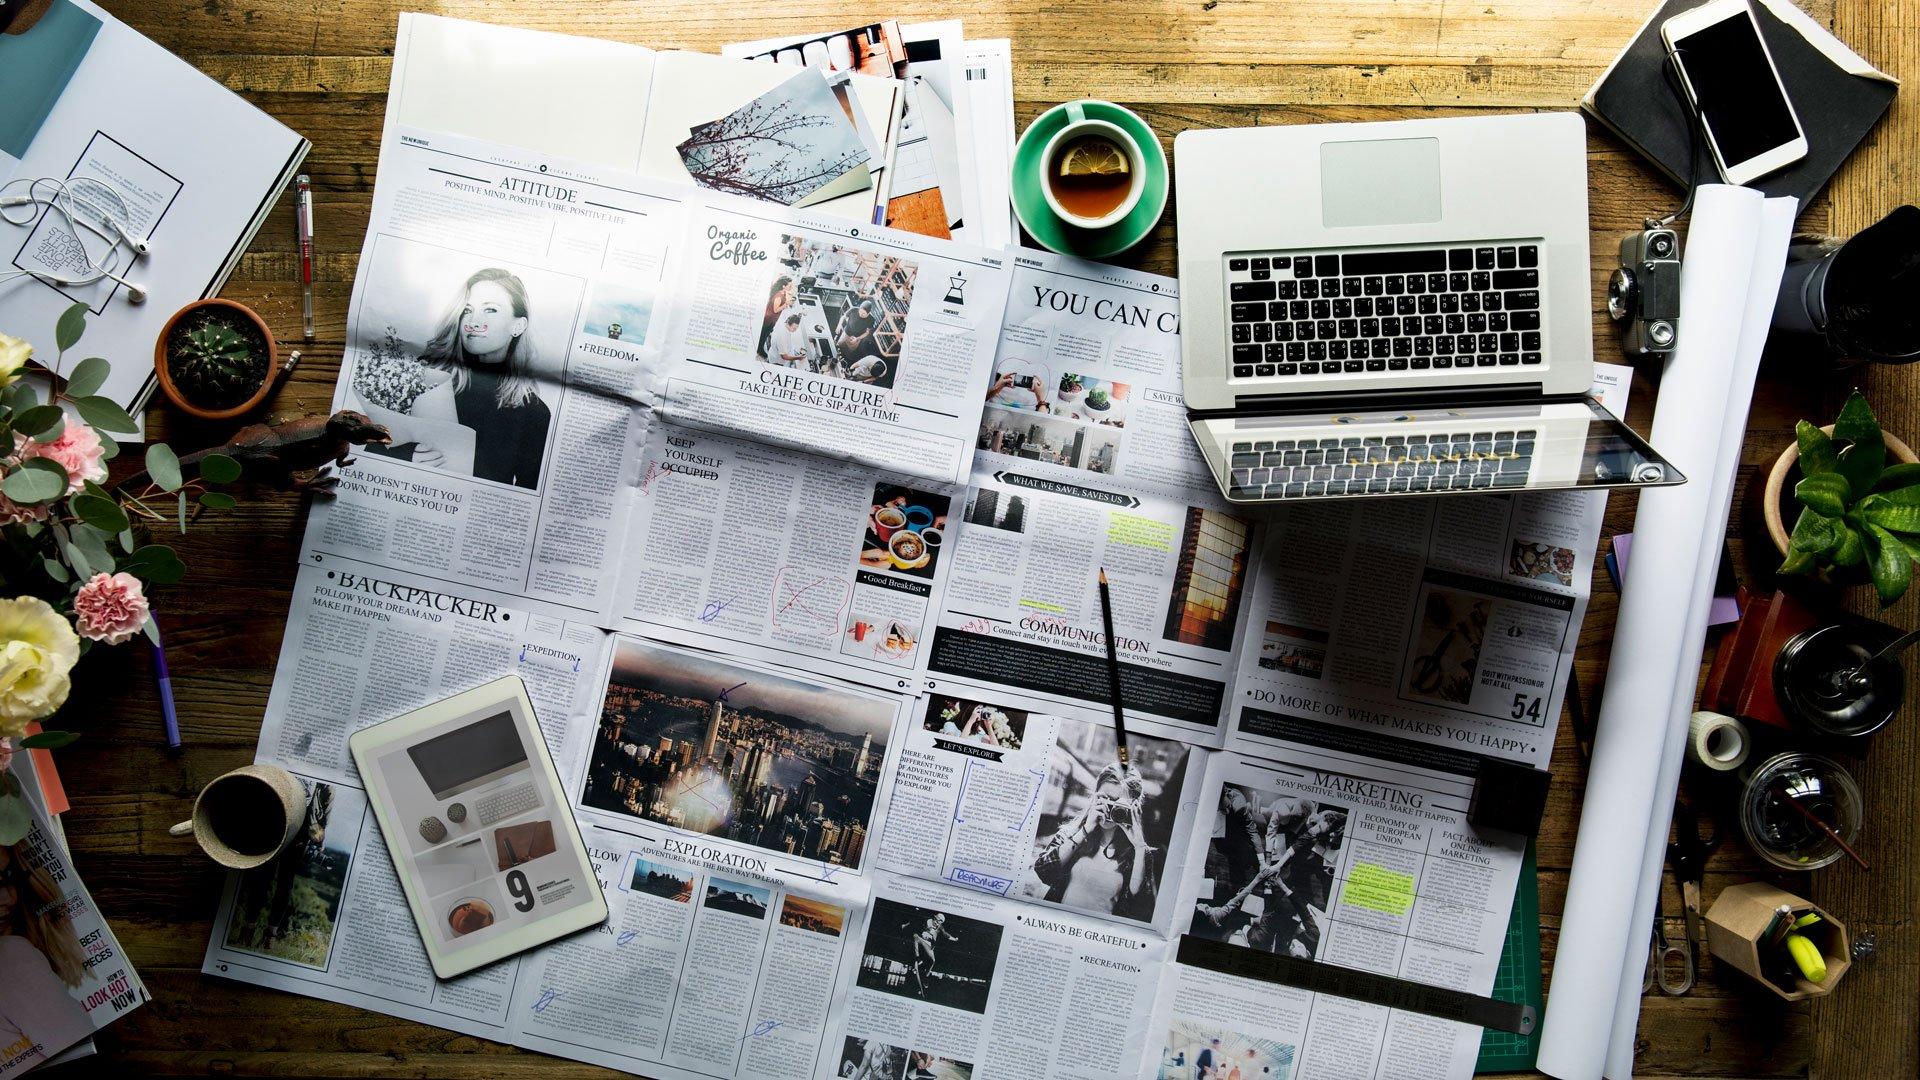 Perfekte Blogartikel schreiben: Das braucht ein Artikel, damit er funktioniert. Blog Beitrag by A-DIGITAL one